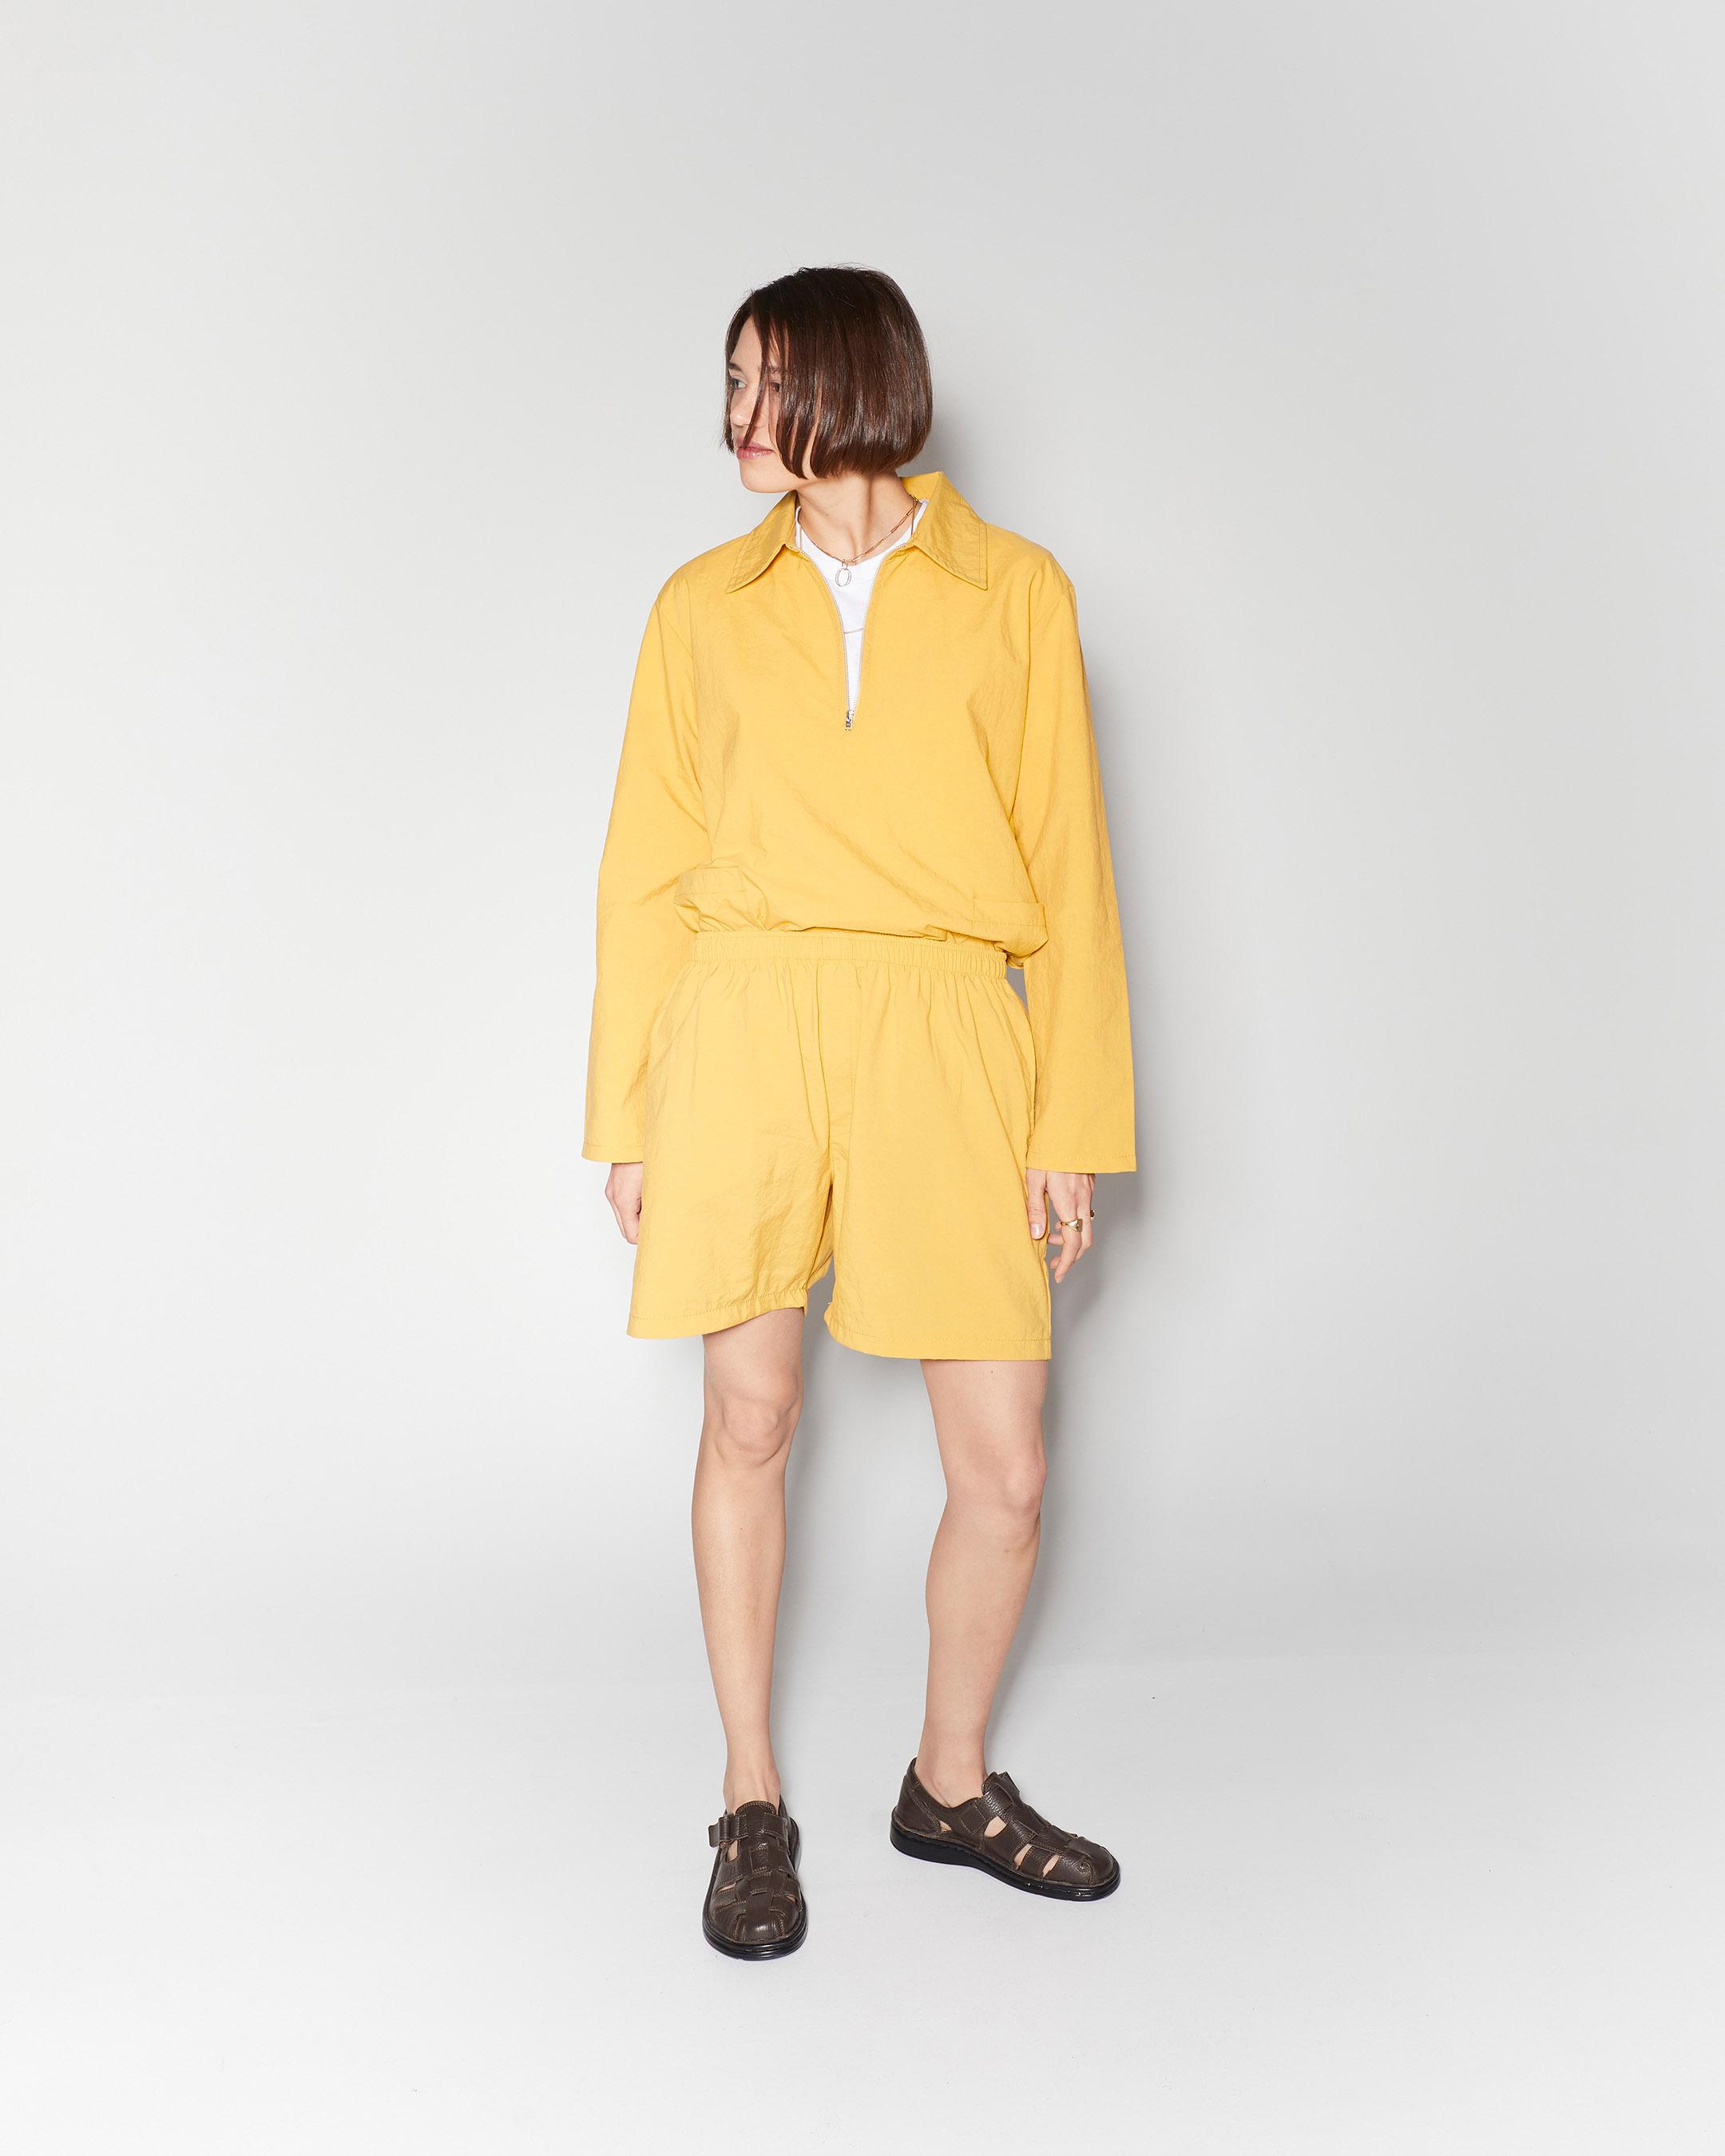 shorts 3  nylon short yellow 210415 ecom 785